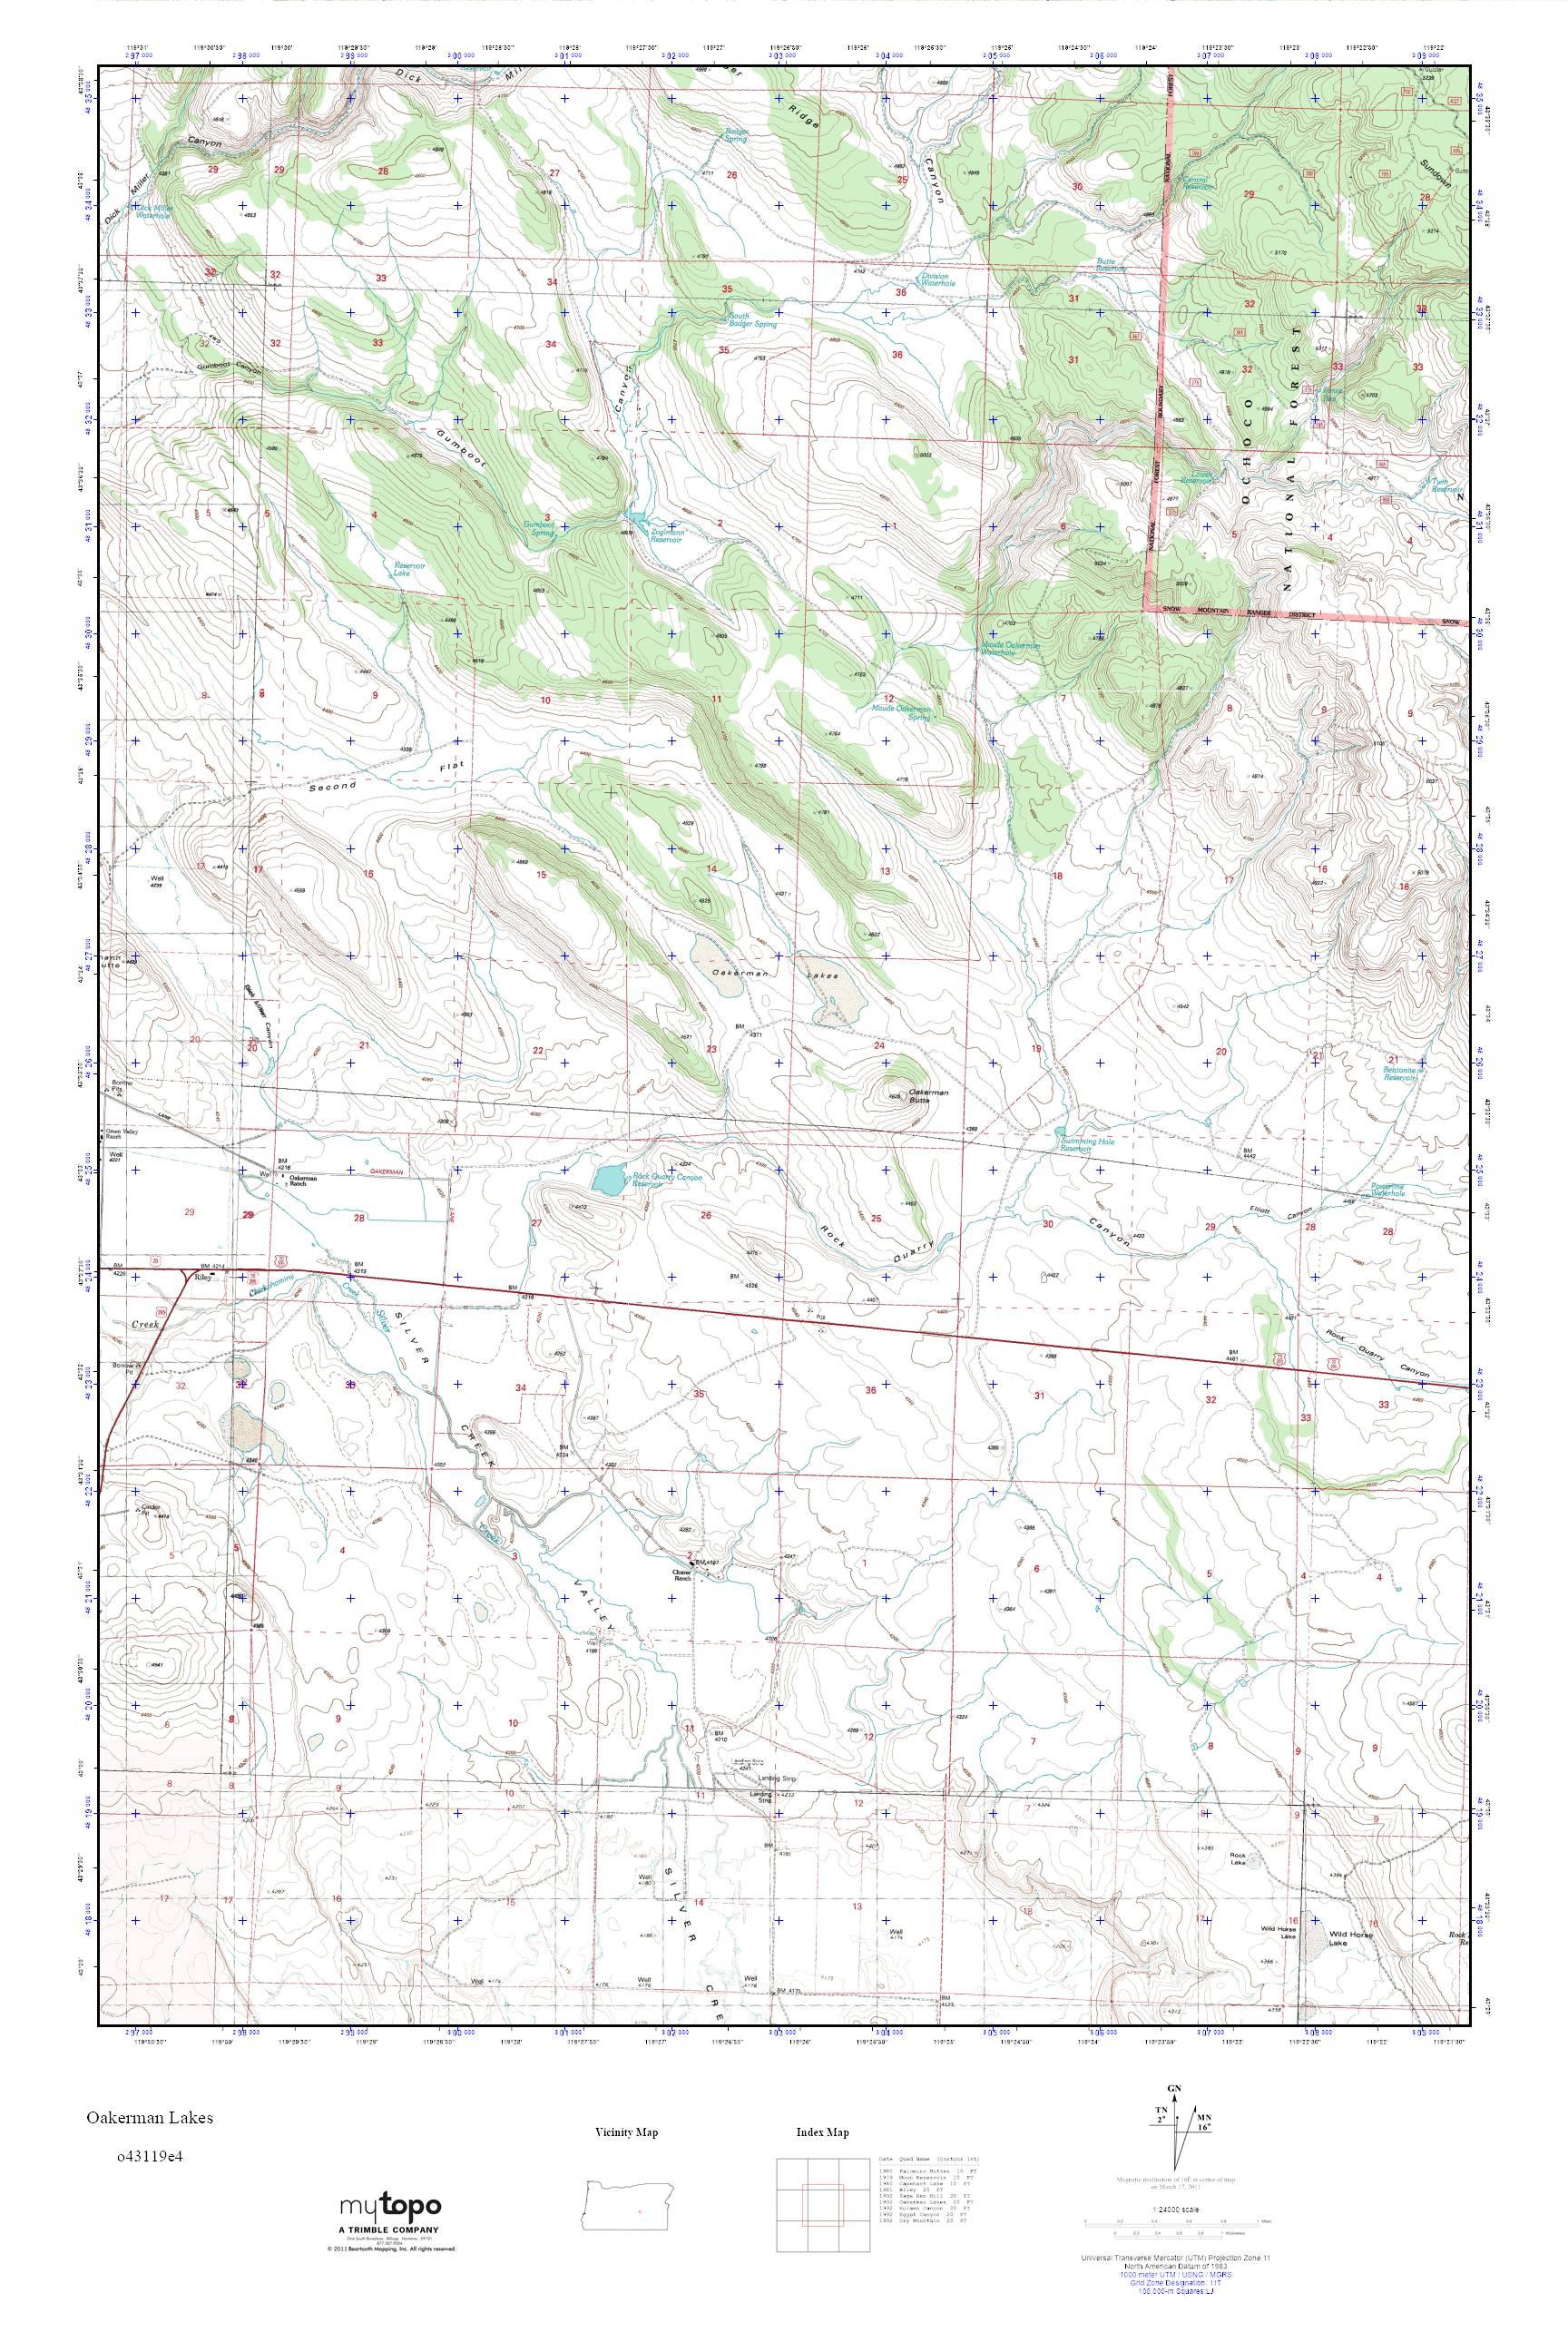 Mytopo Oakerman Lakes Oregon Usgs Quad Topo Map